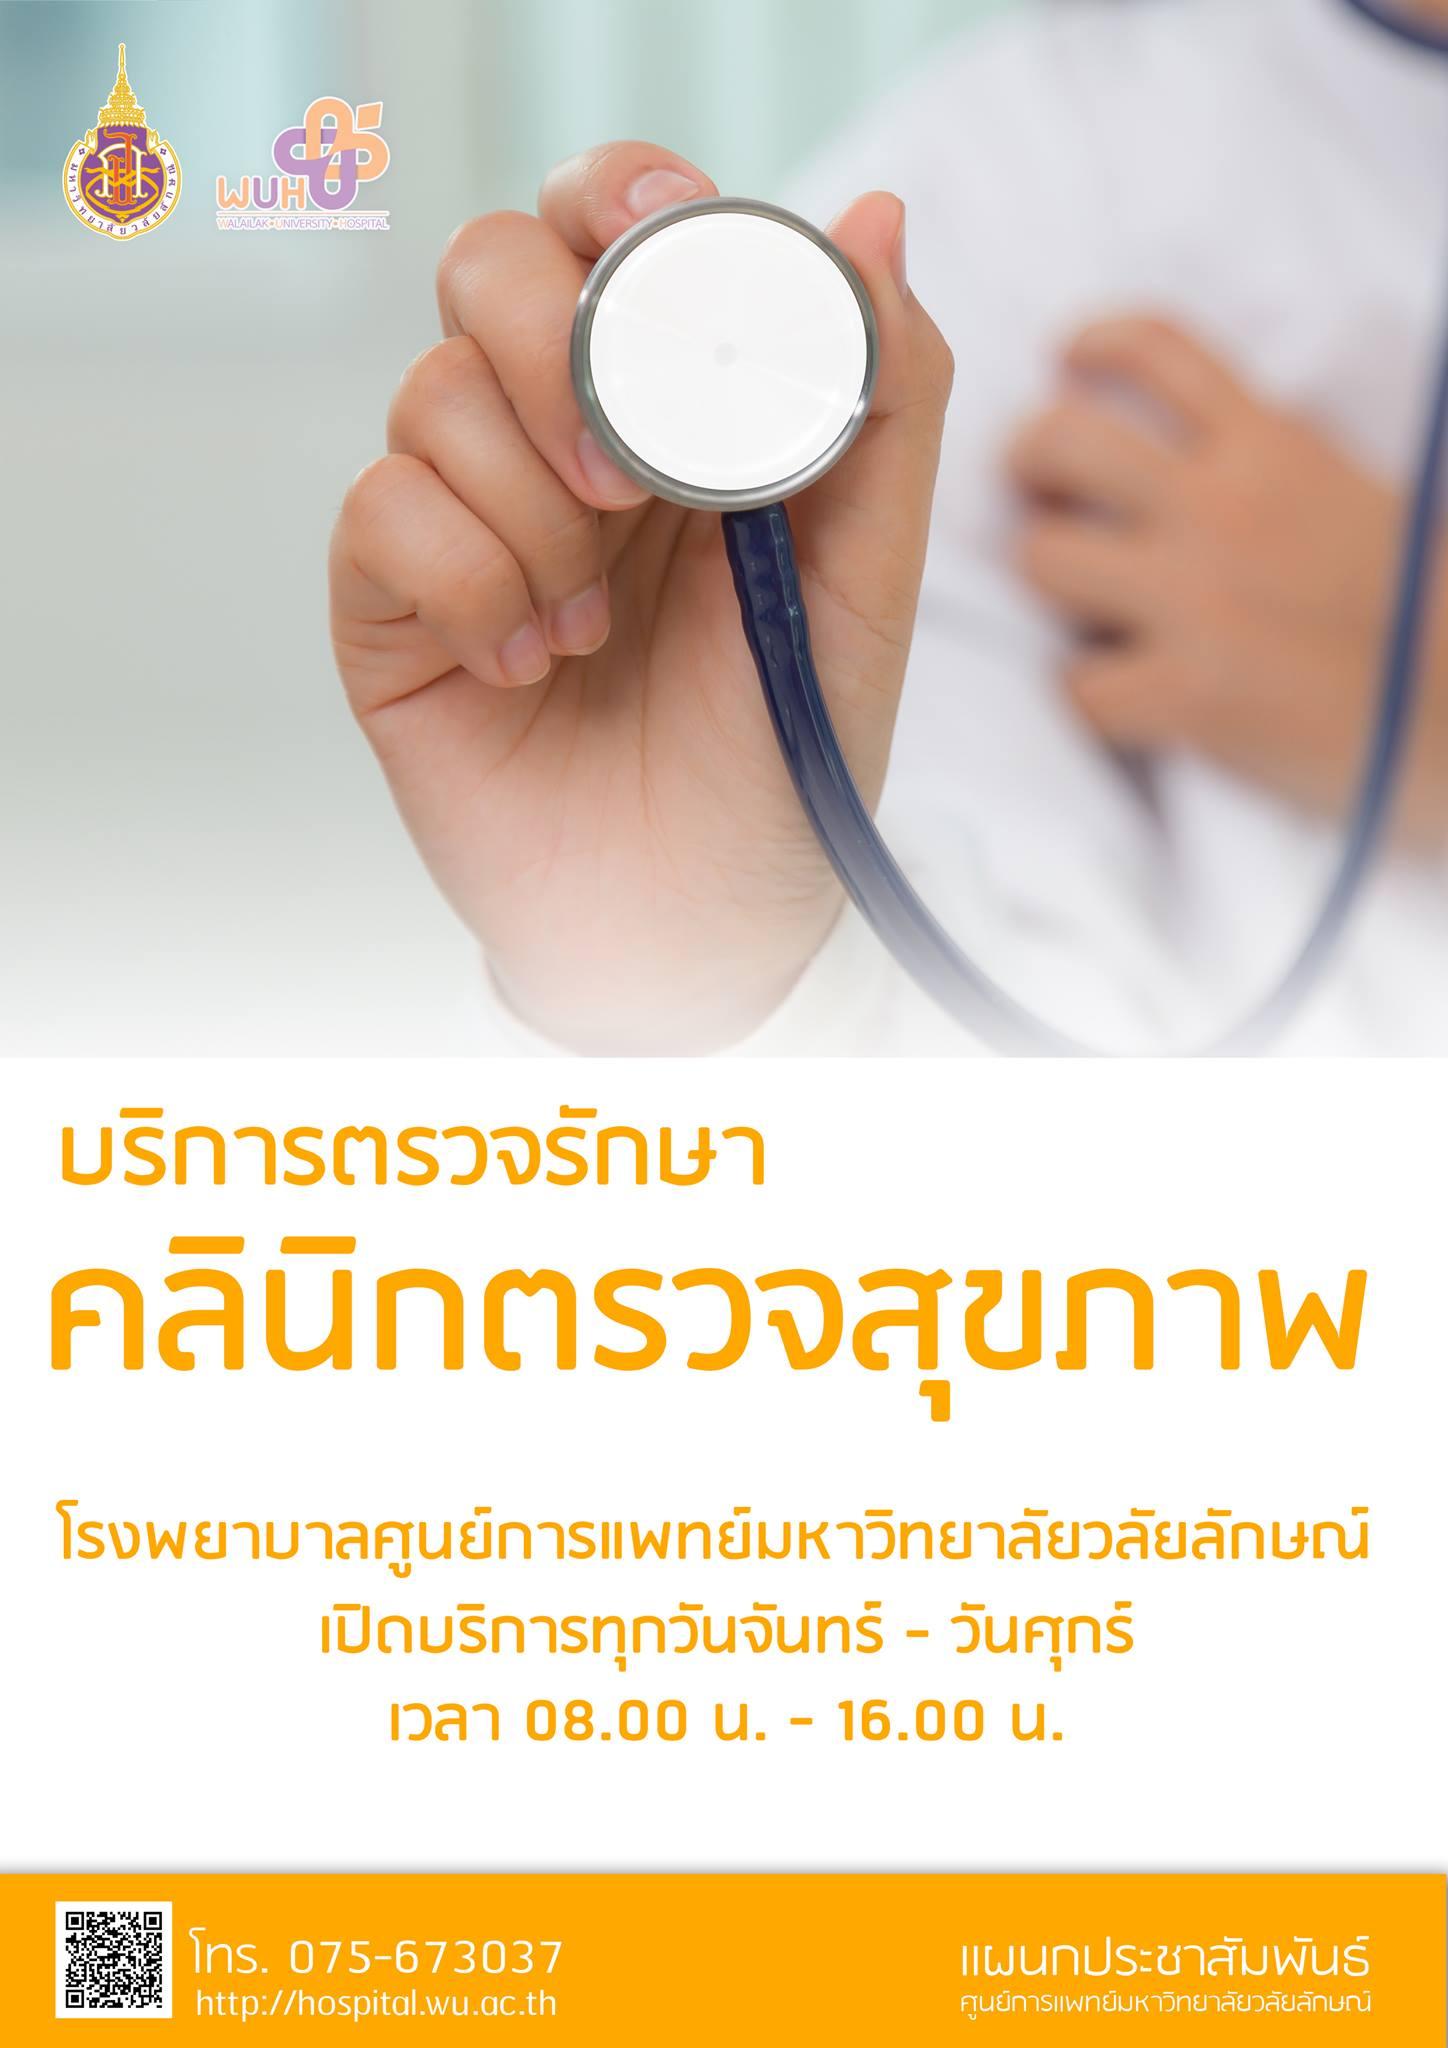 คลินิกตรวจสุขภาพ